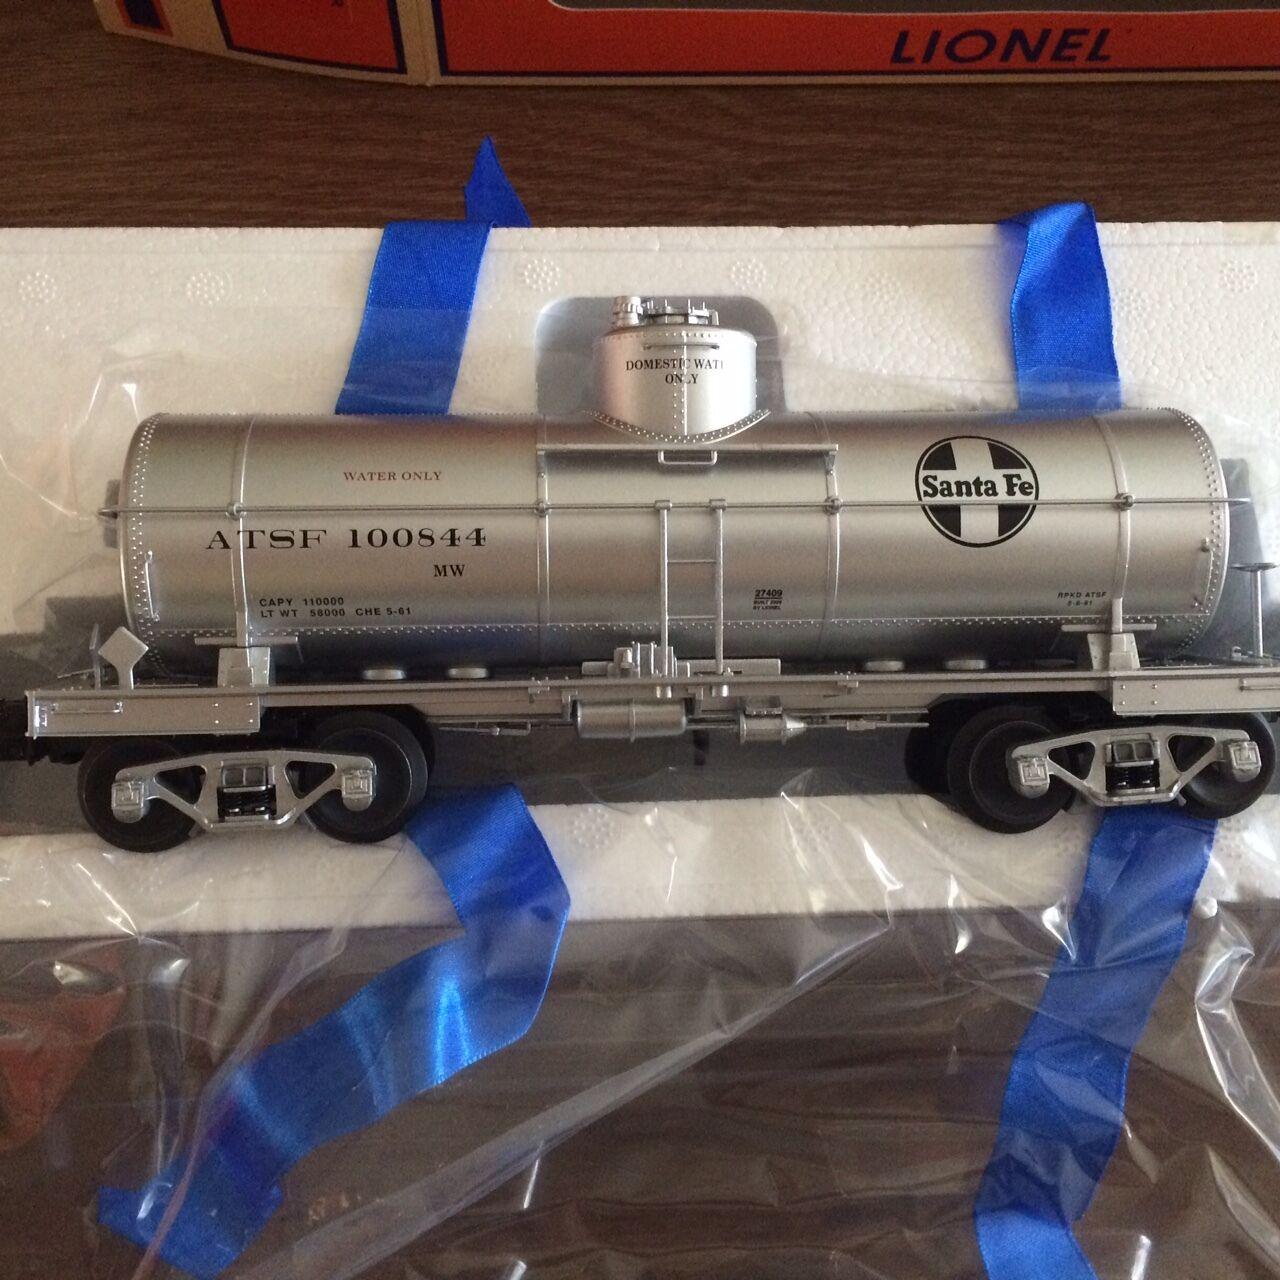 Lionel 27409 Atsf 8000 galones tanque de agua coche nuevo en caja